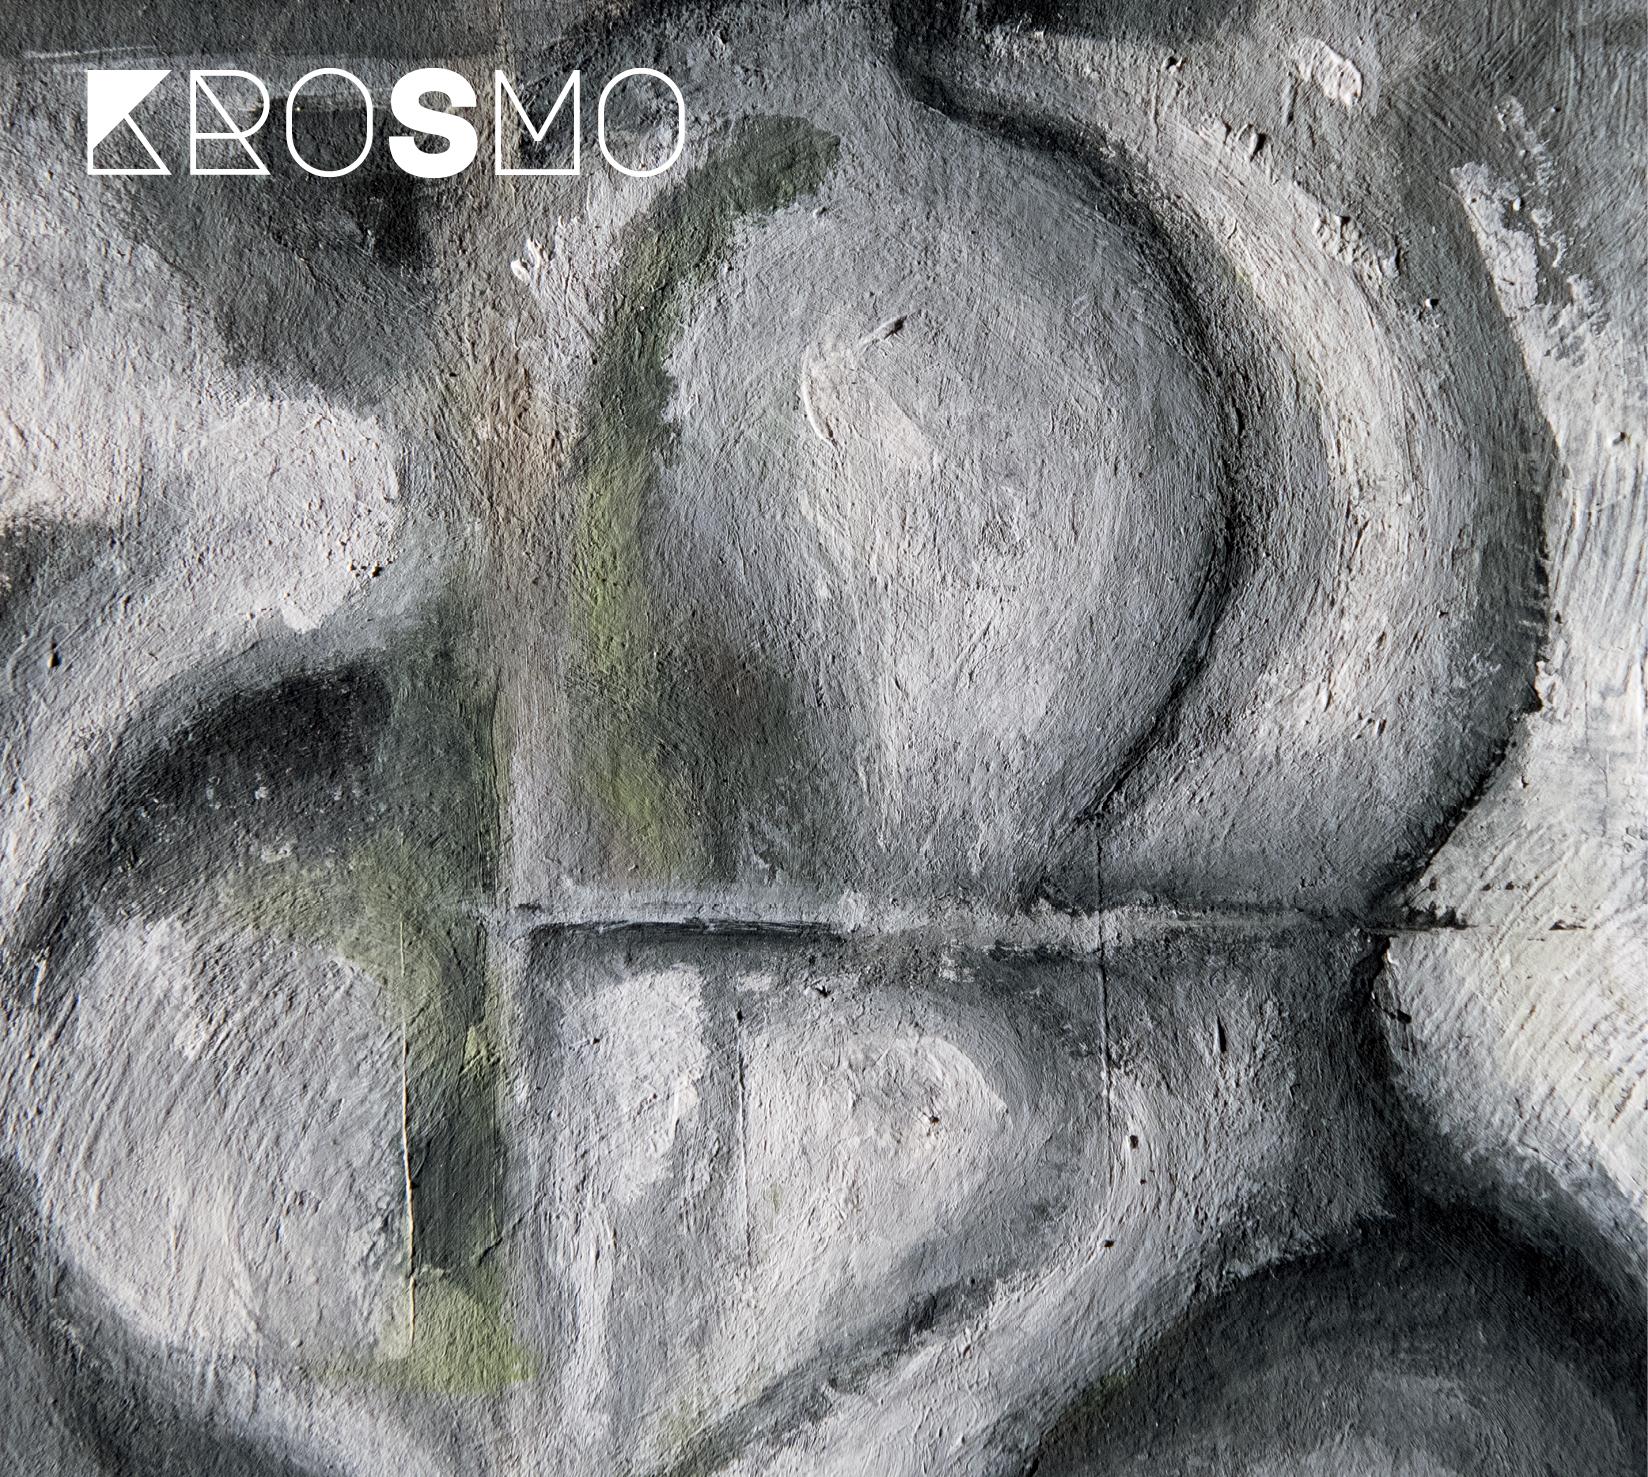 KROSMO-COVER_Gross2.jpg